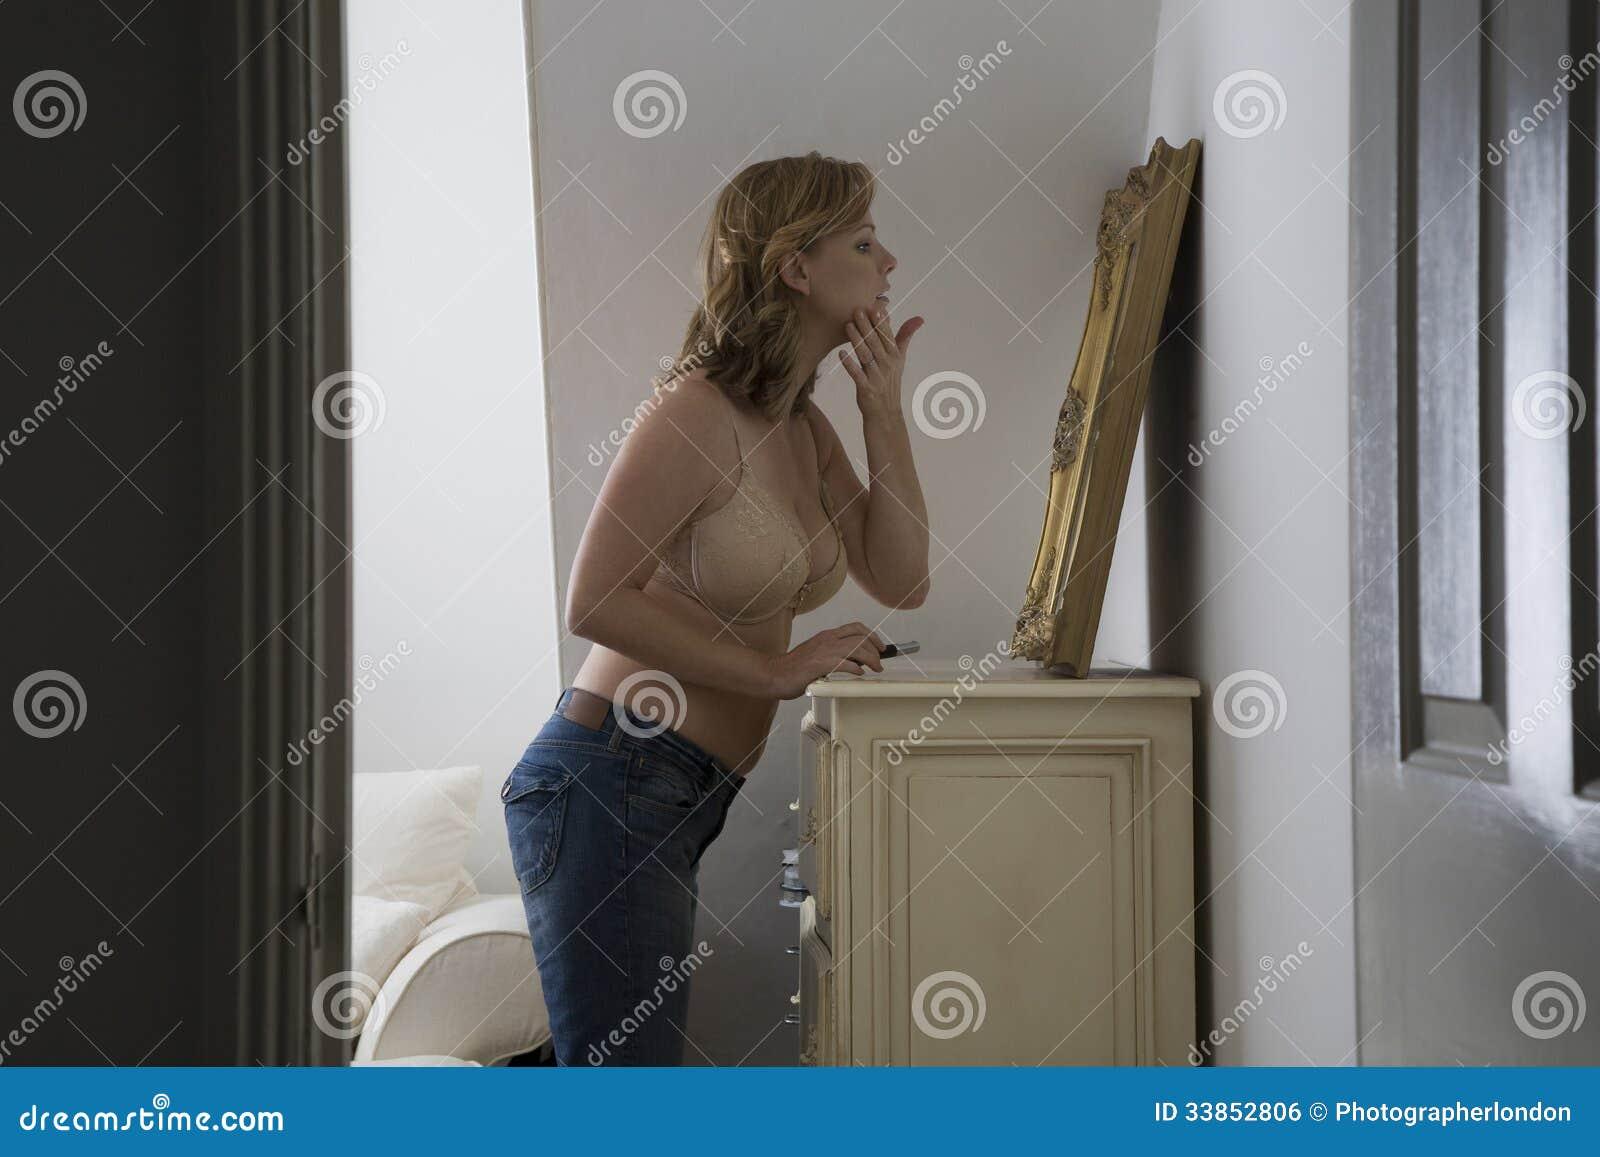 Visage de examen semi habillé de femme dans le miroir